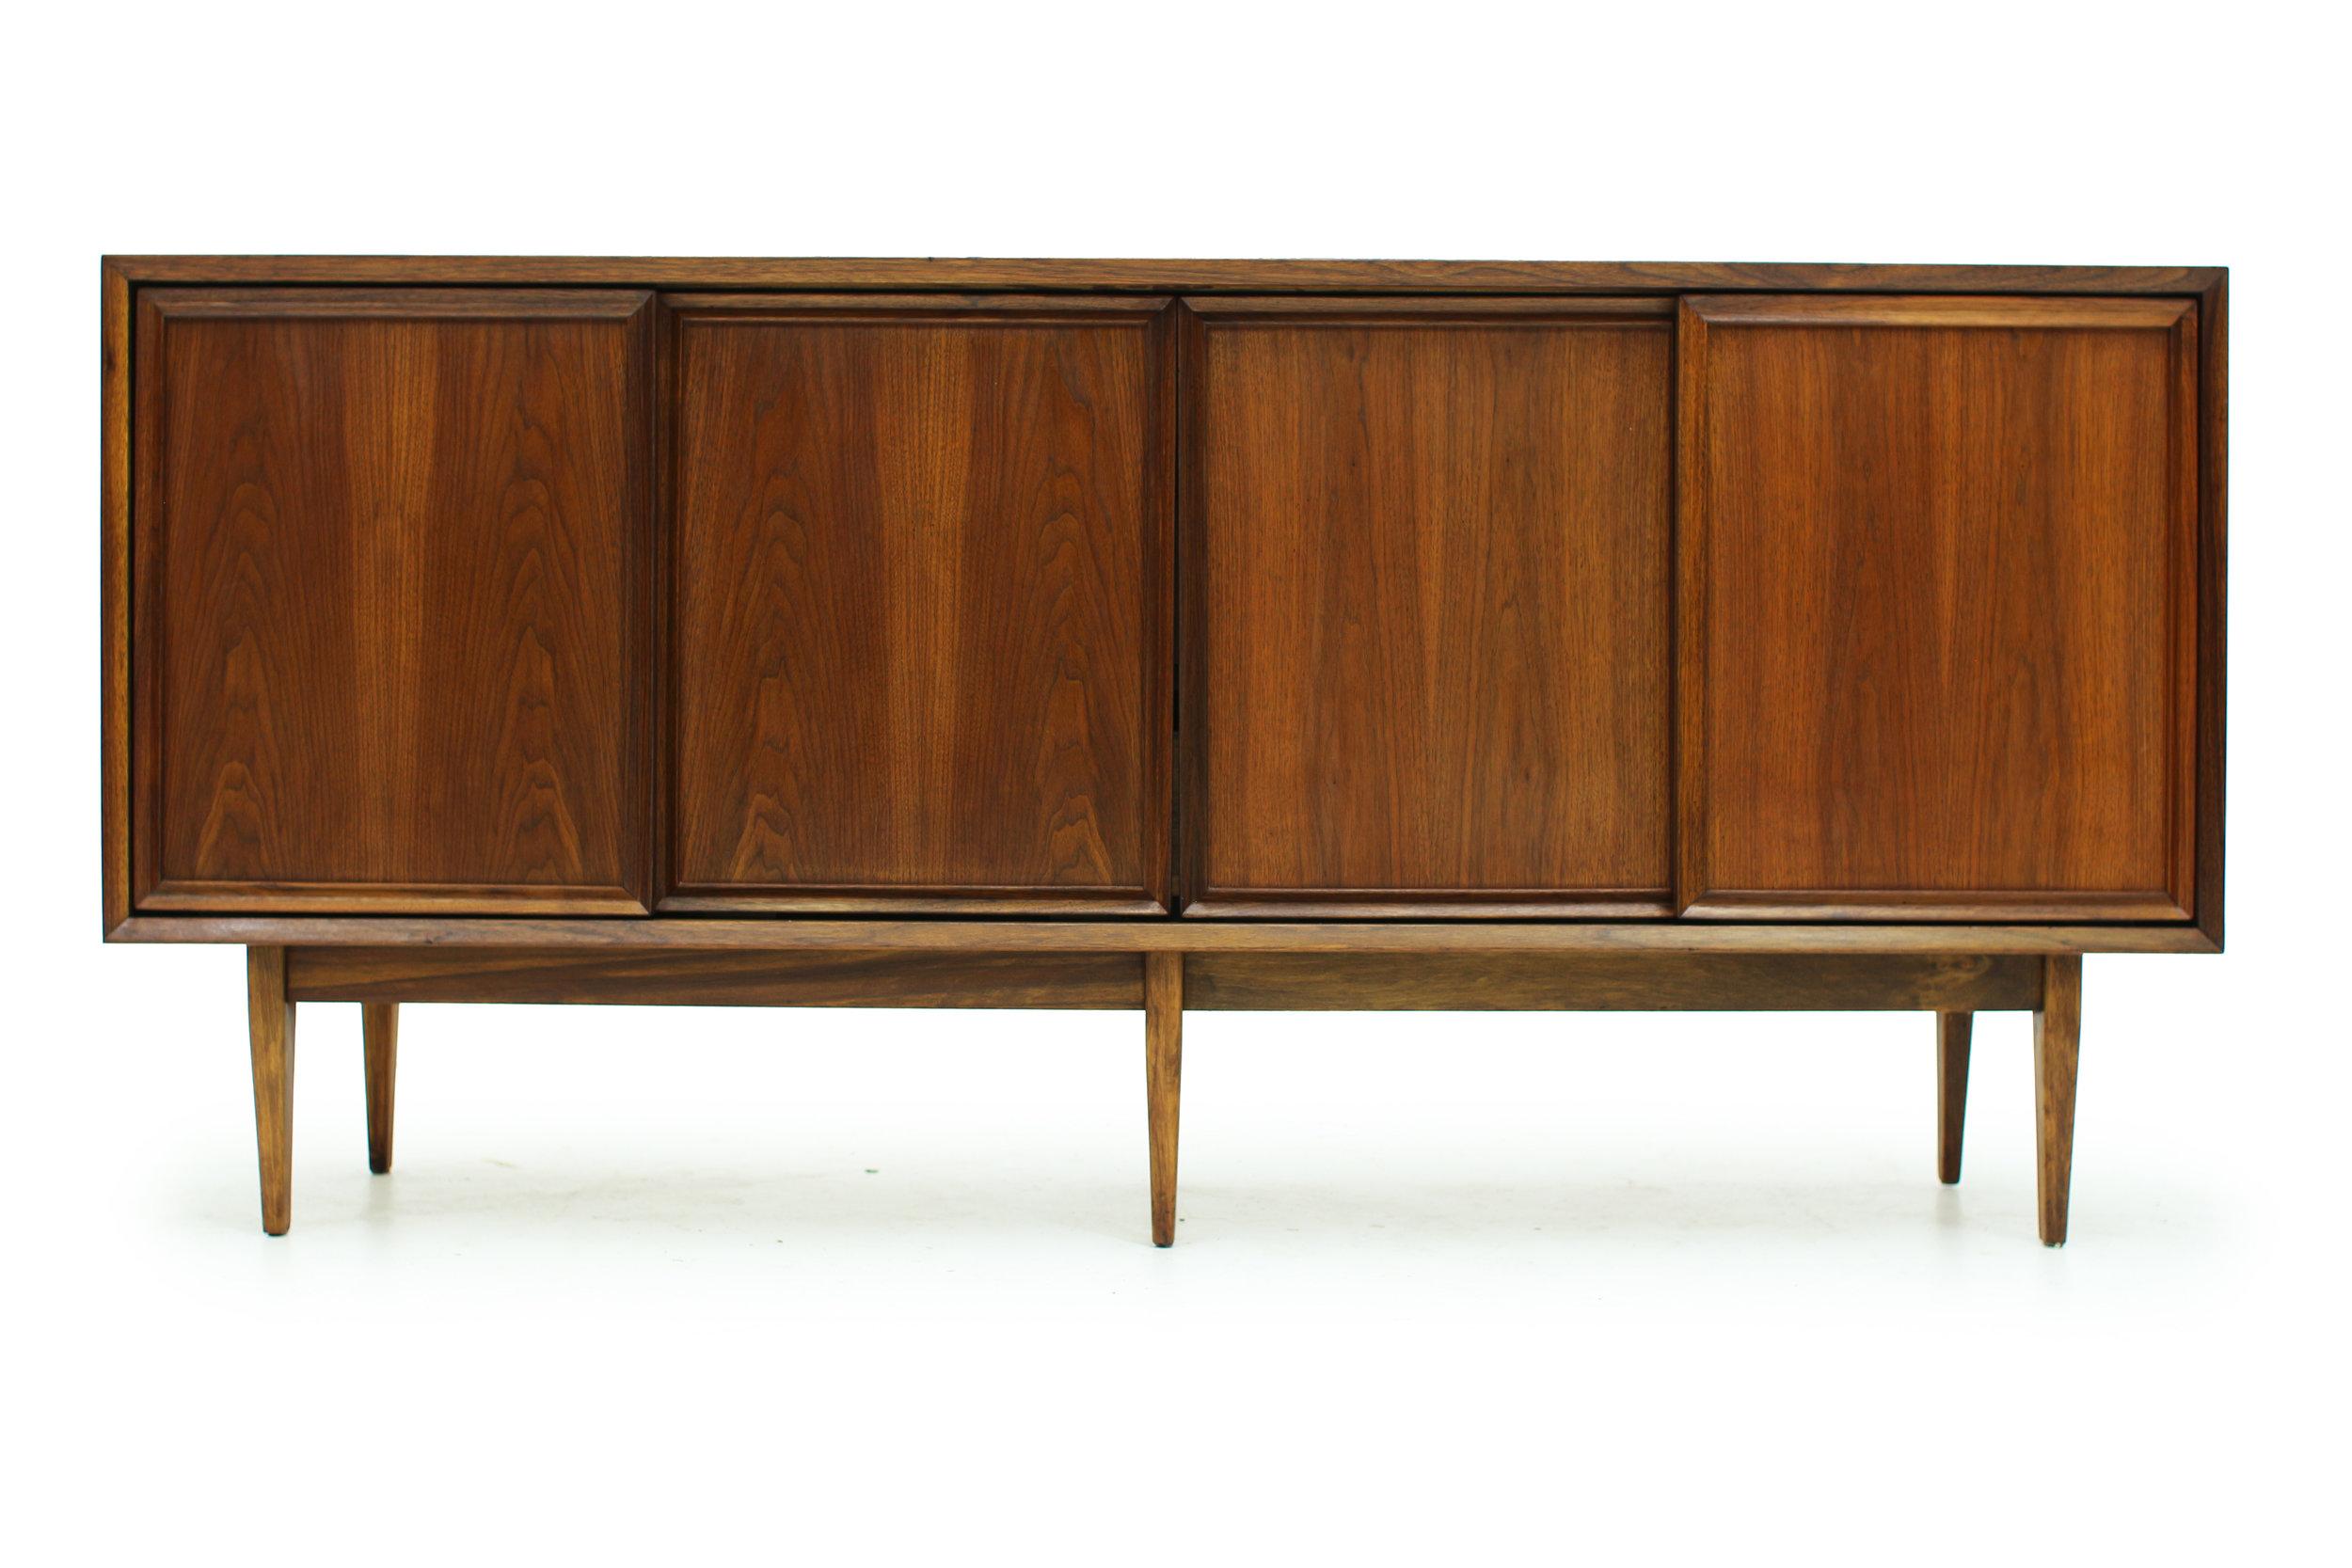 Vintage Walnut Sideboard with Sliding Doors (1).jpg